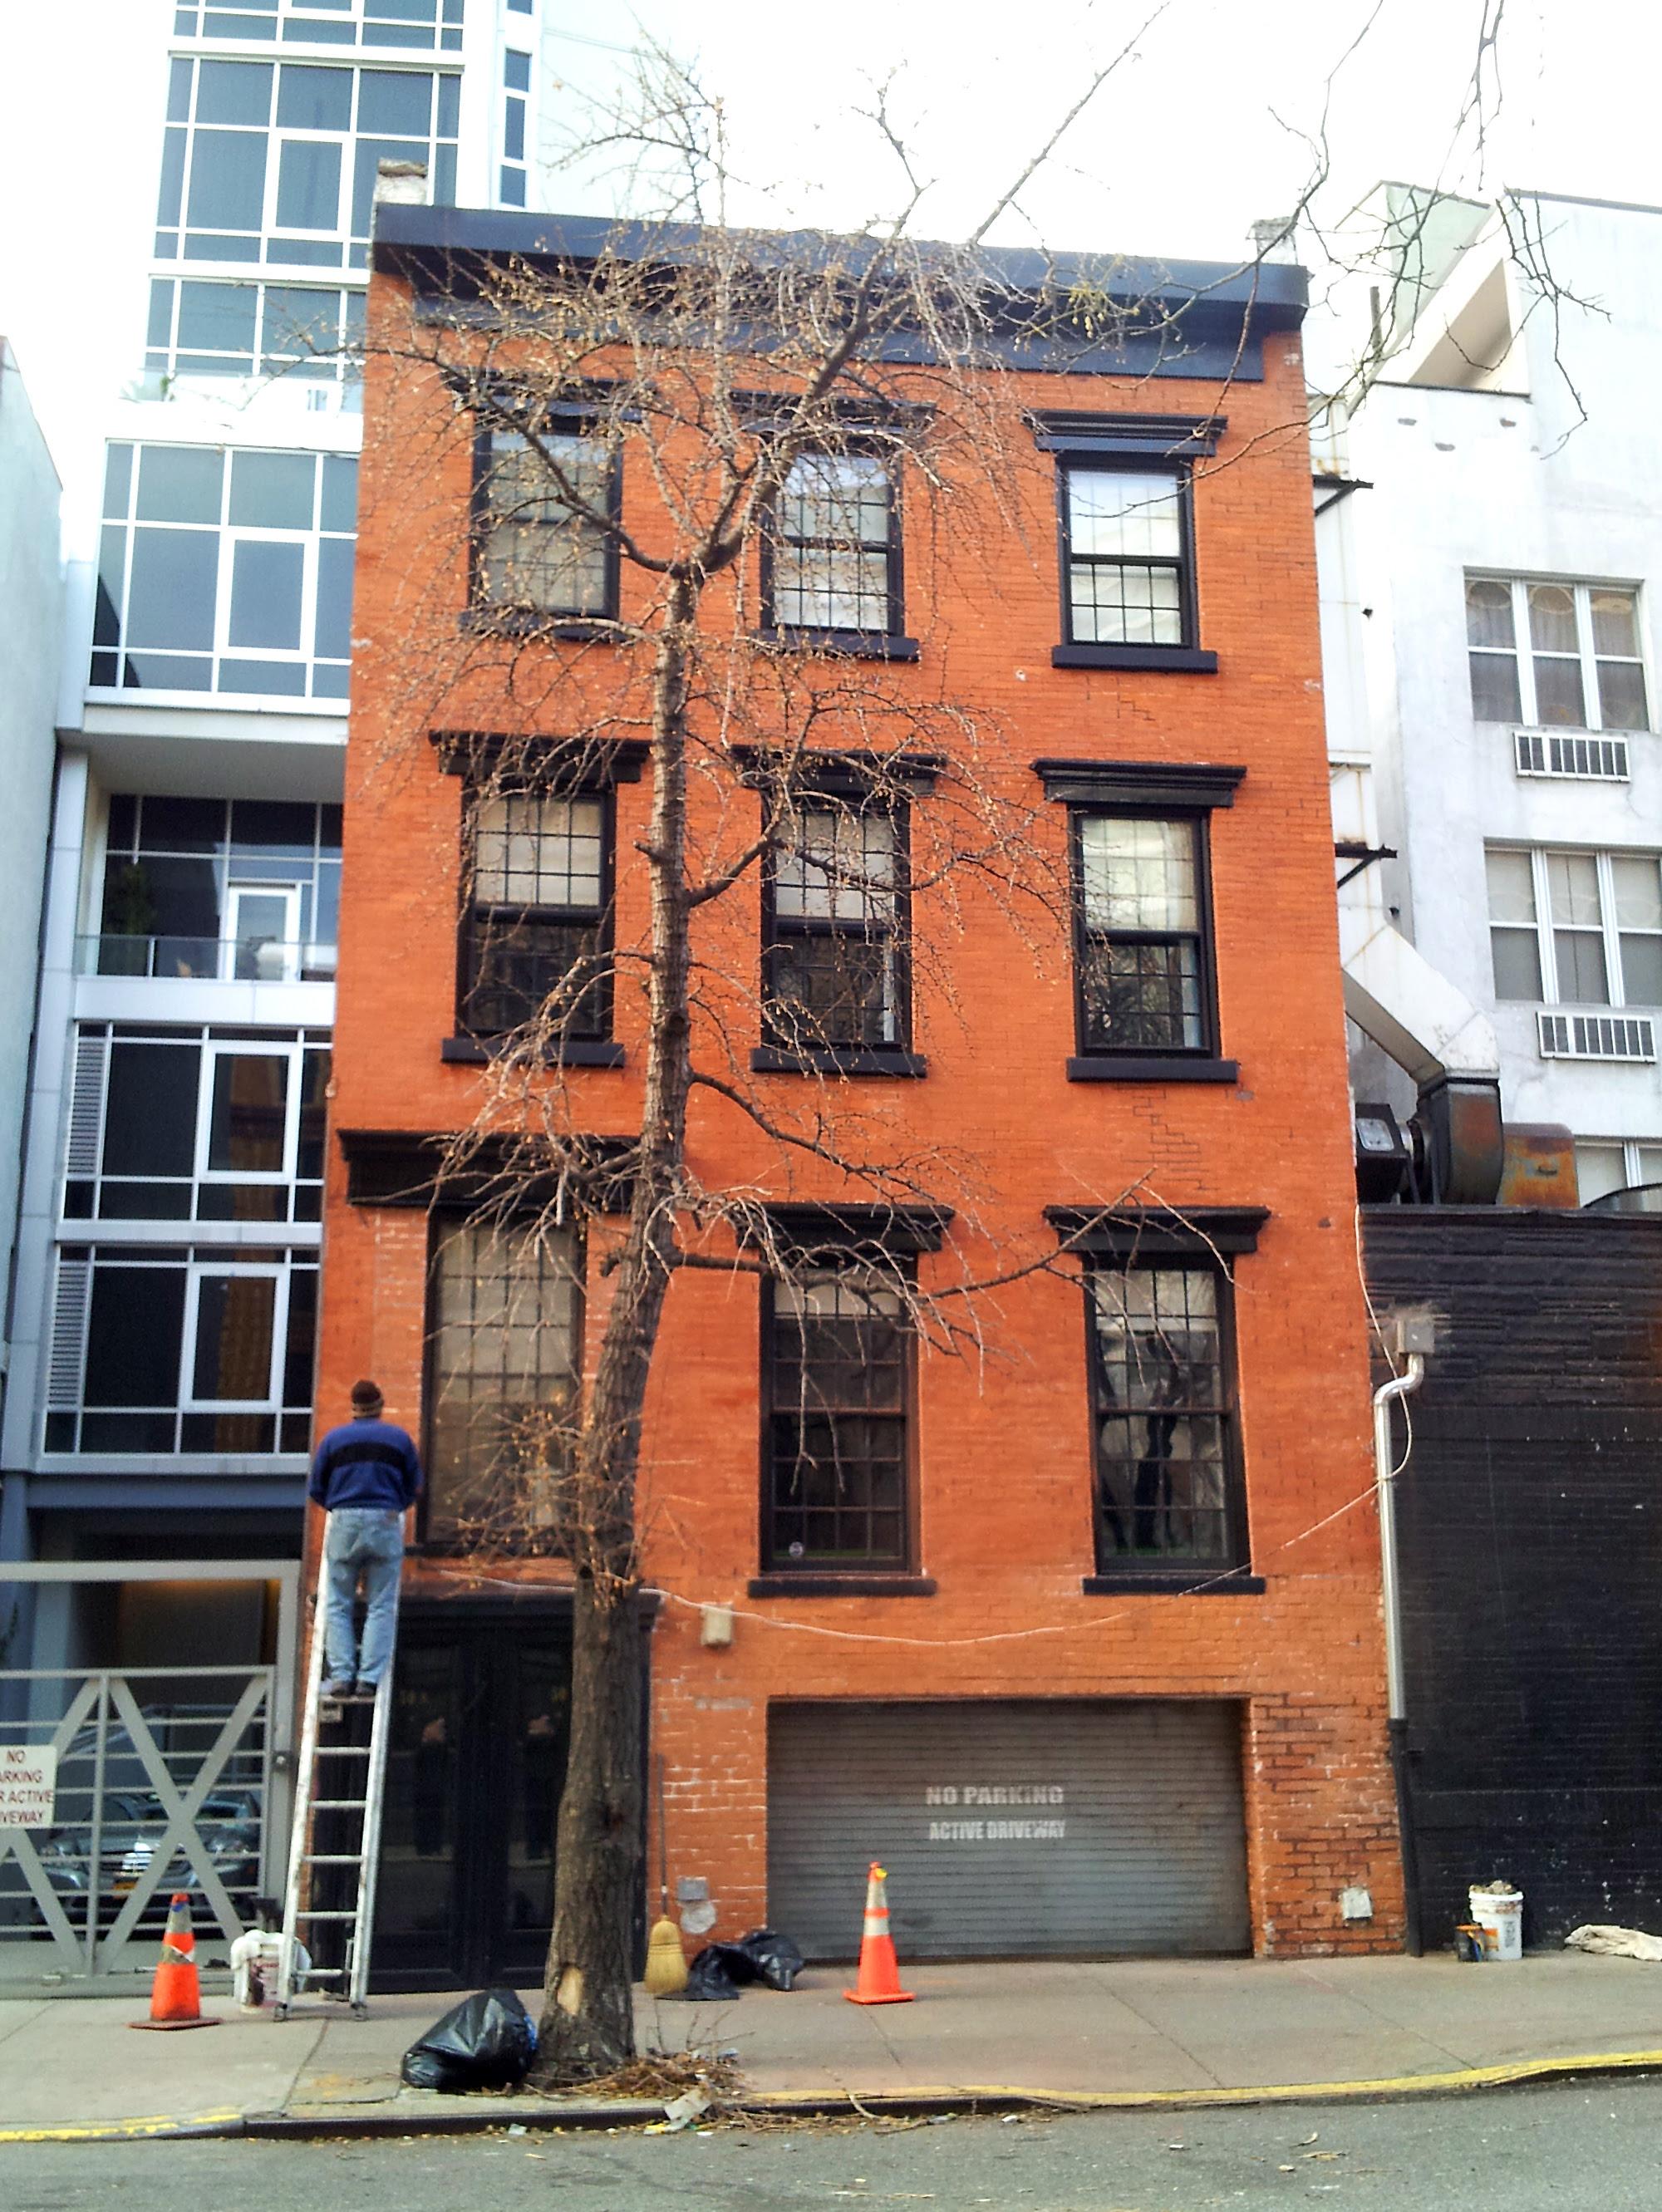 A clean facade